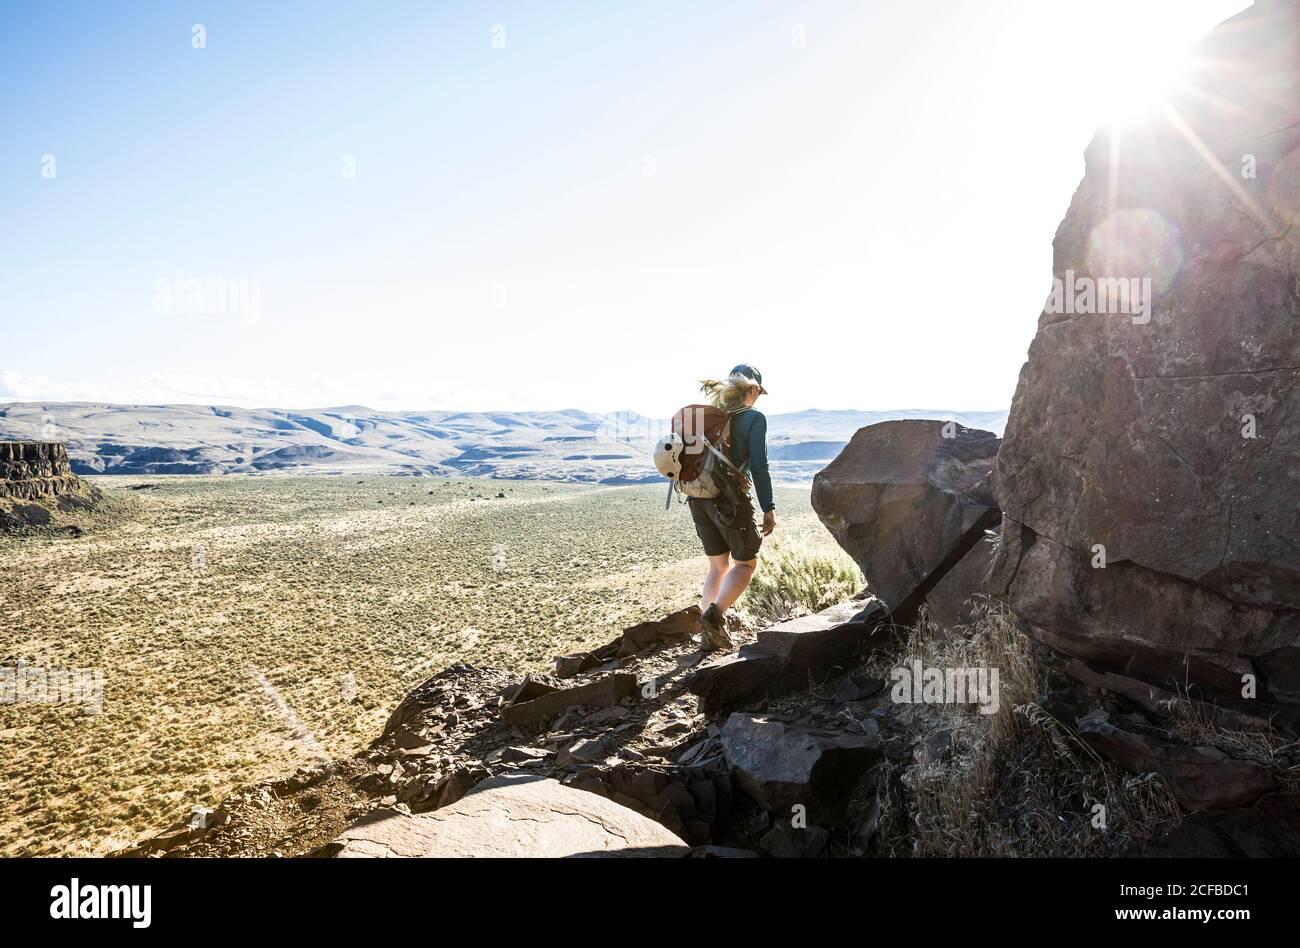 Una mujer que hace senderismo por el sendero de los escaladores alrededor de Sunshine Wall en Echo Basin / Frenchmans Coulee, este de Washington, EE.UU. Foto de stock